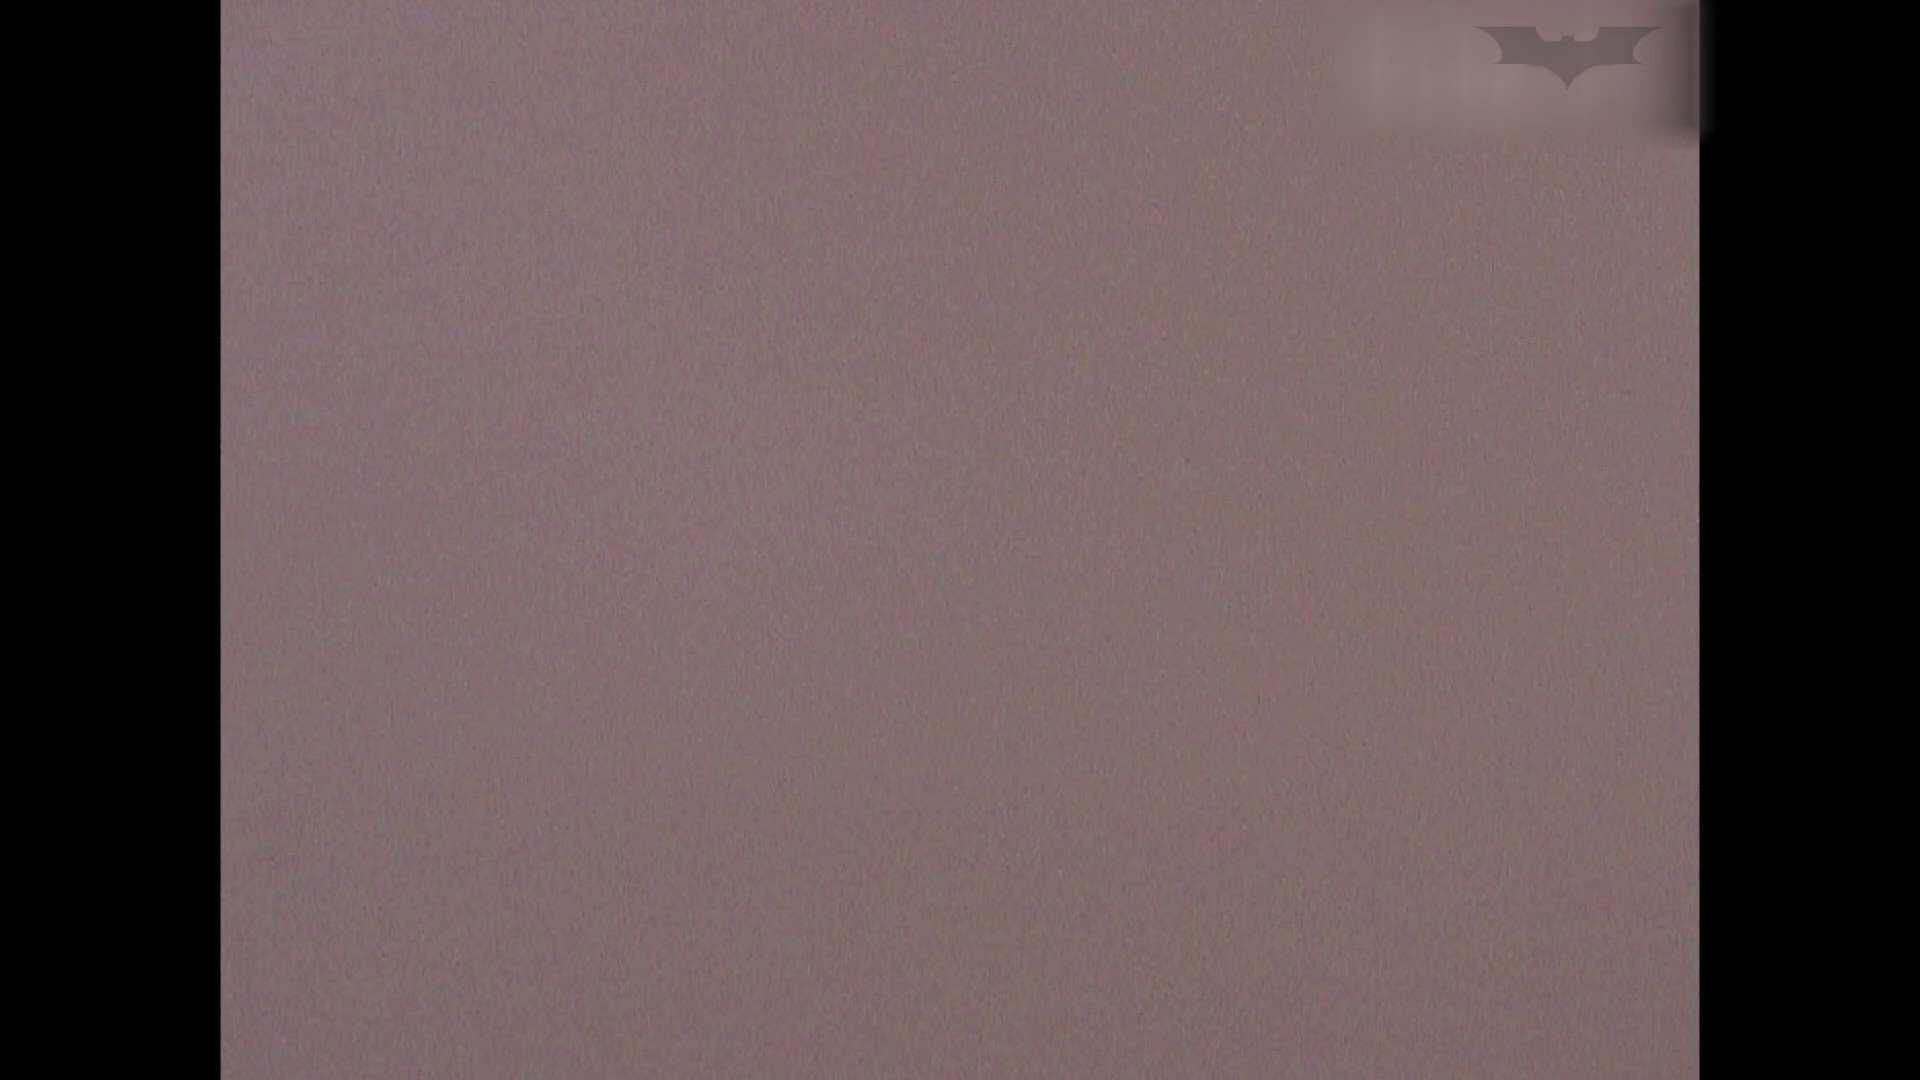 かわいい子から太い~うんこ 期間限定神キタ!ツルピカの放nyo!Vol.23 むっちり体型 エロ画像 72画像 20